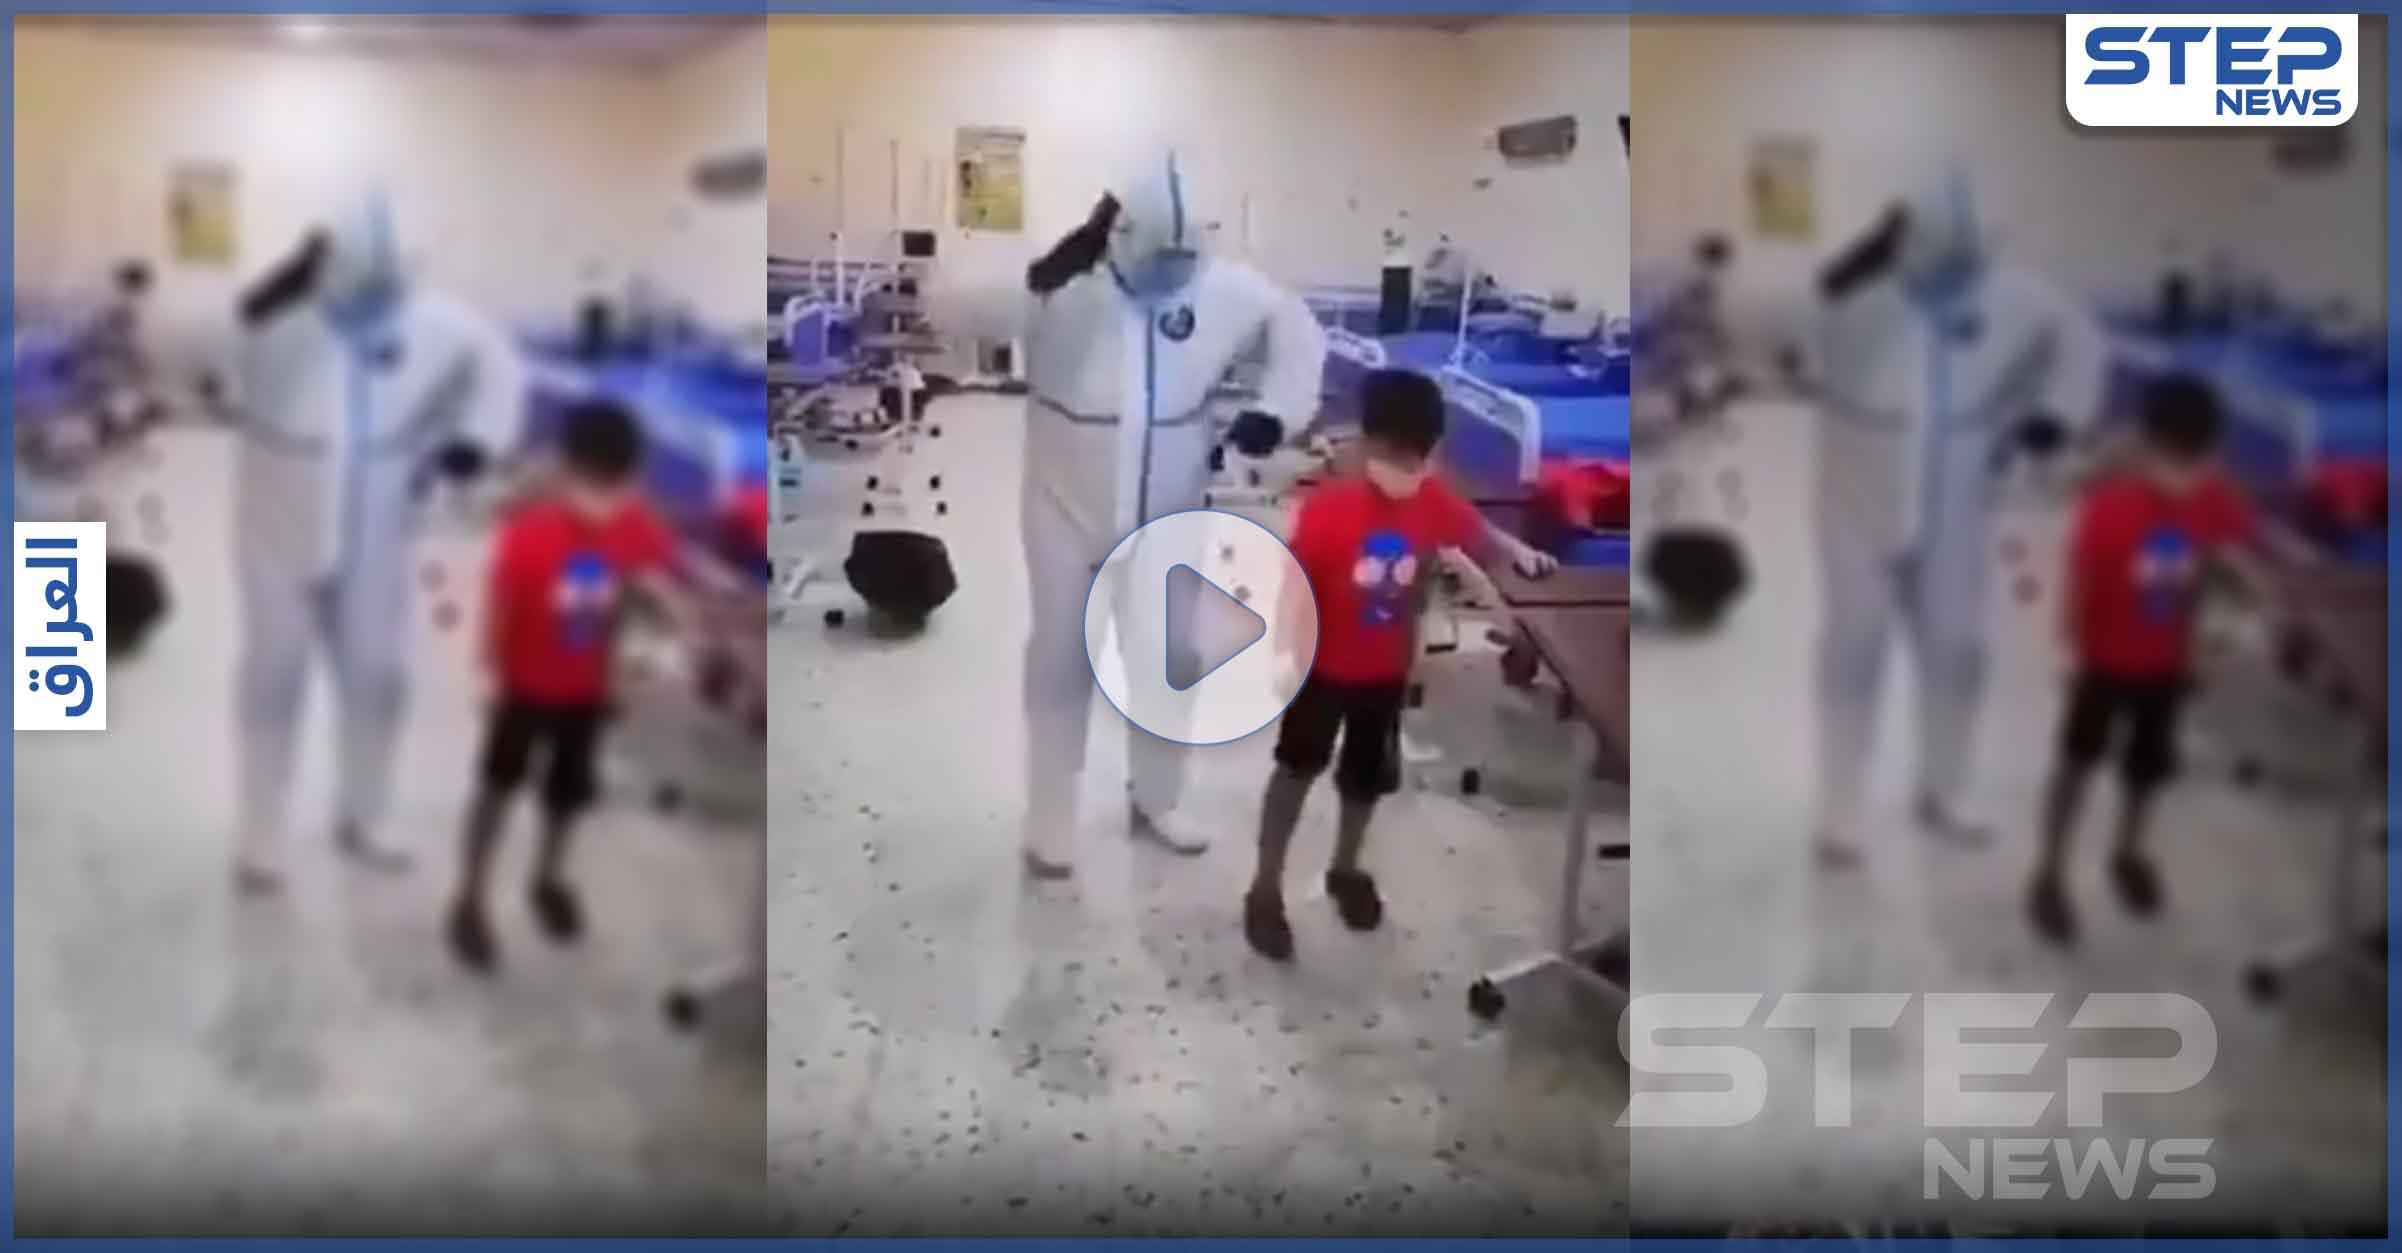 بالفيديو|| رقص من القلب.. طفل عراقي يرقص بطريقة لافتة في المستشفى بعد شفائه من كورونا